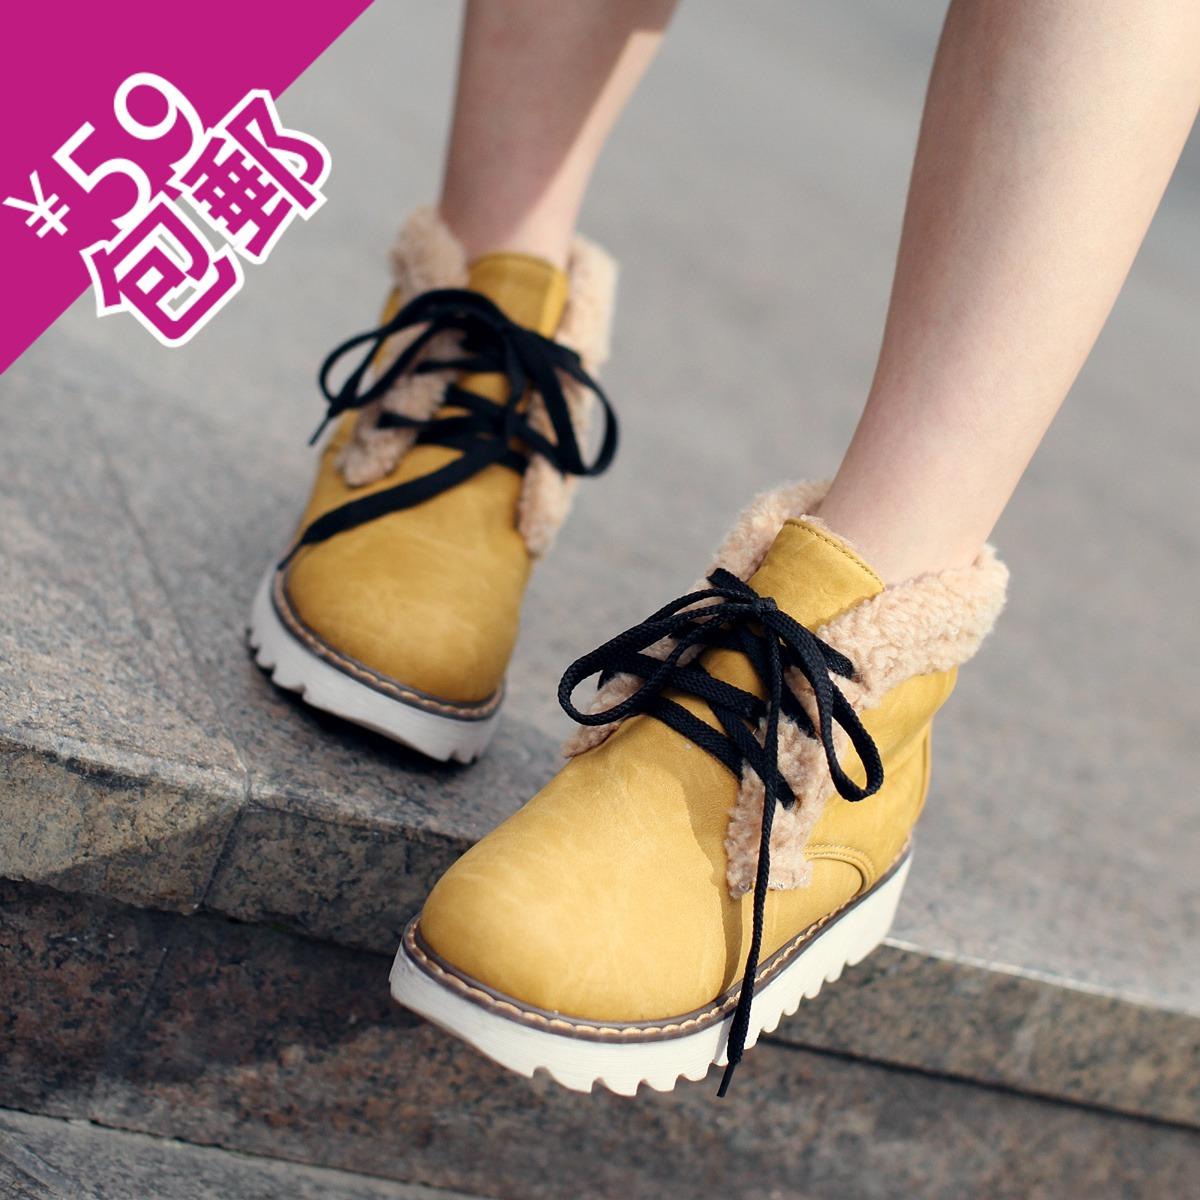 真皮内增高大码短靴纯色平跟学生韩版靴子欧洲站防水台休闲雪地靴